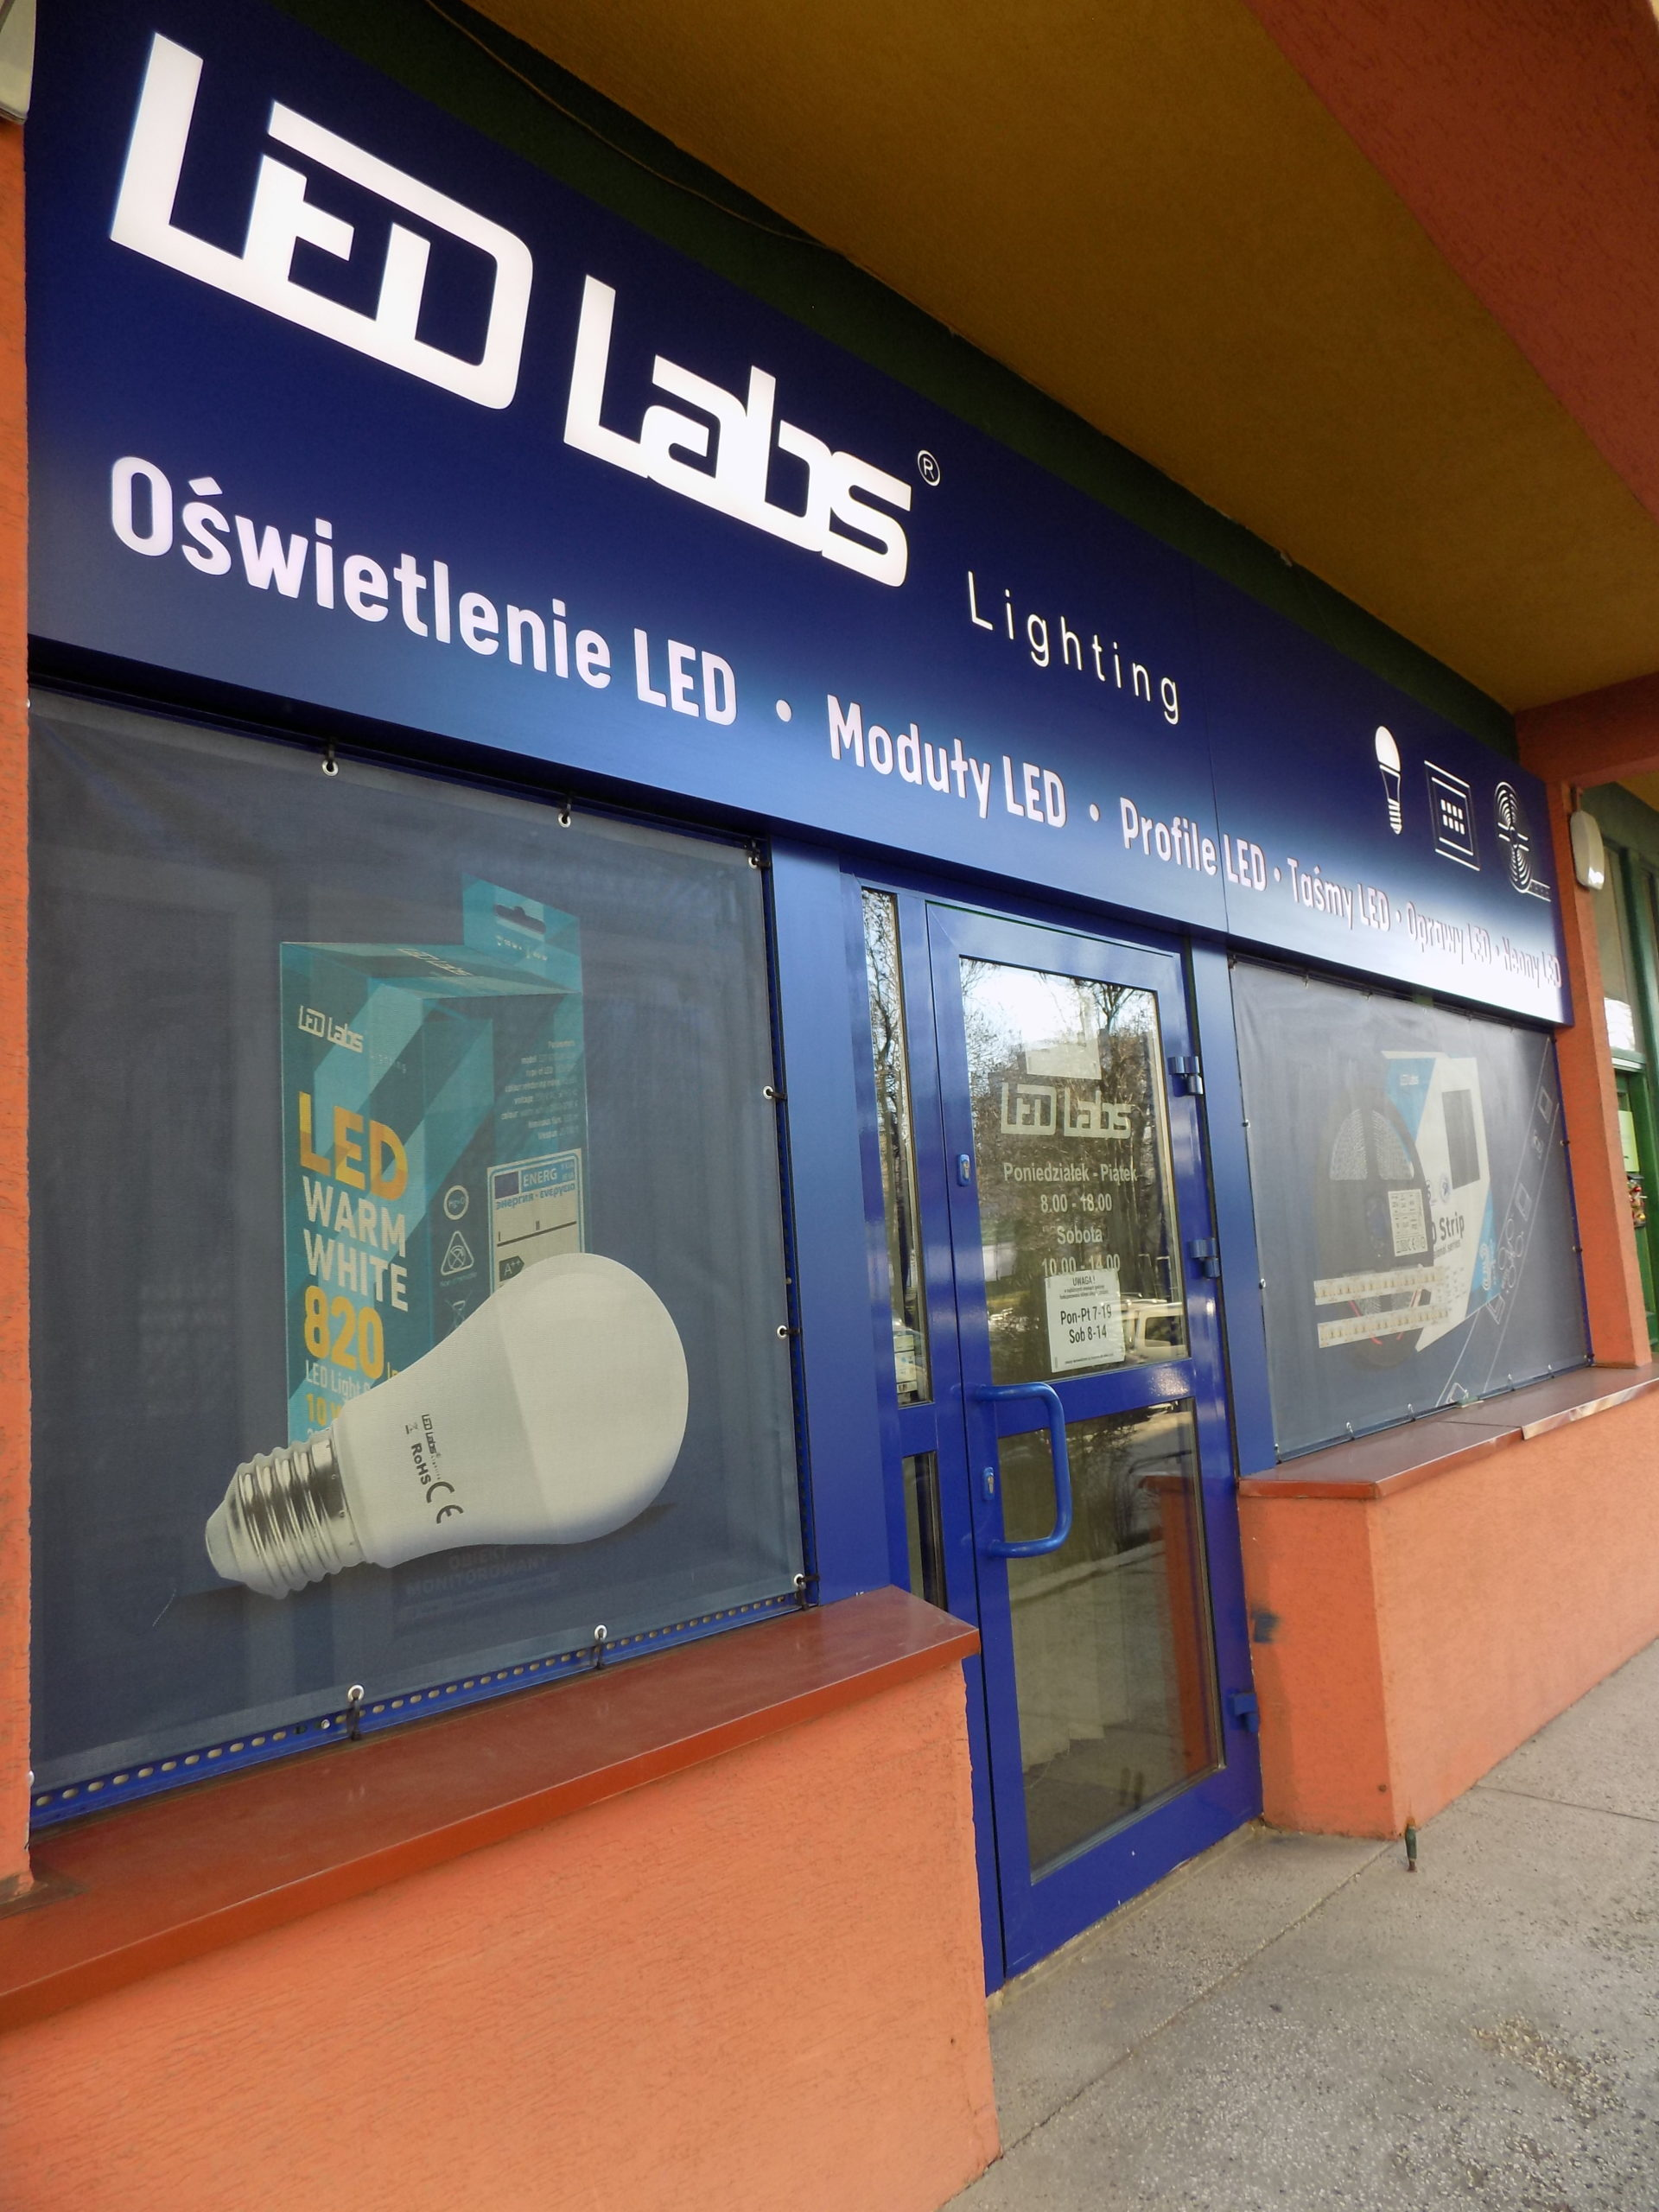 Led Labs sp. z o.o. Oświetlenie LED ul. Zakopiańska 2C, Kraków - monitoring